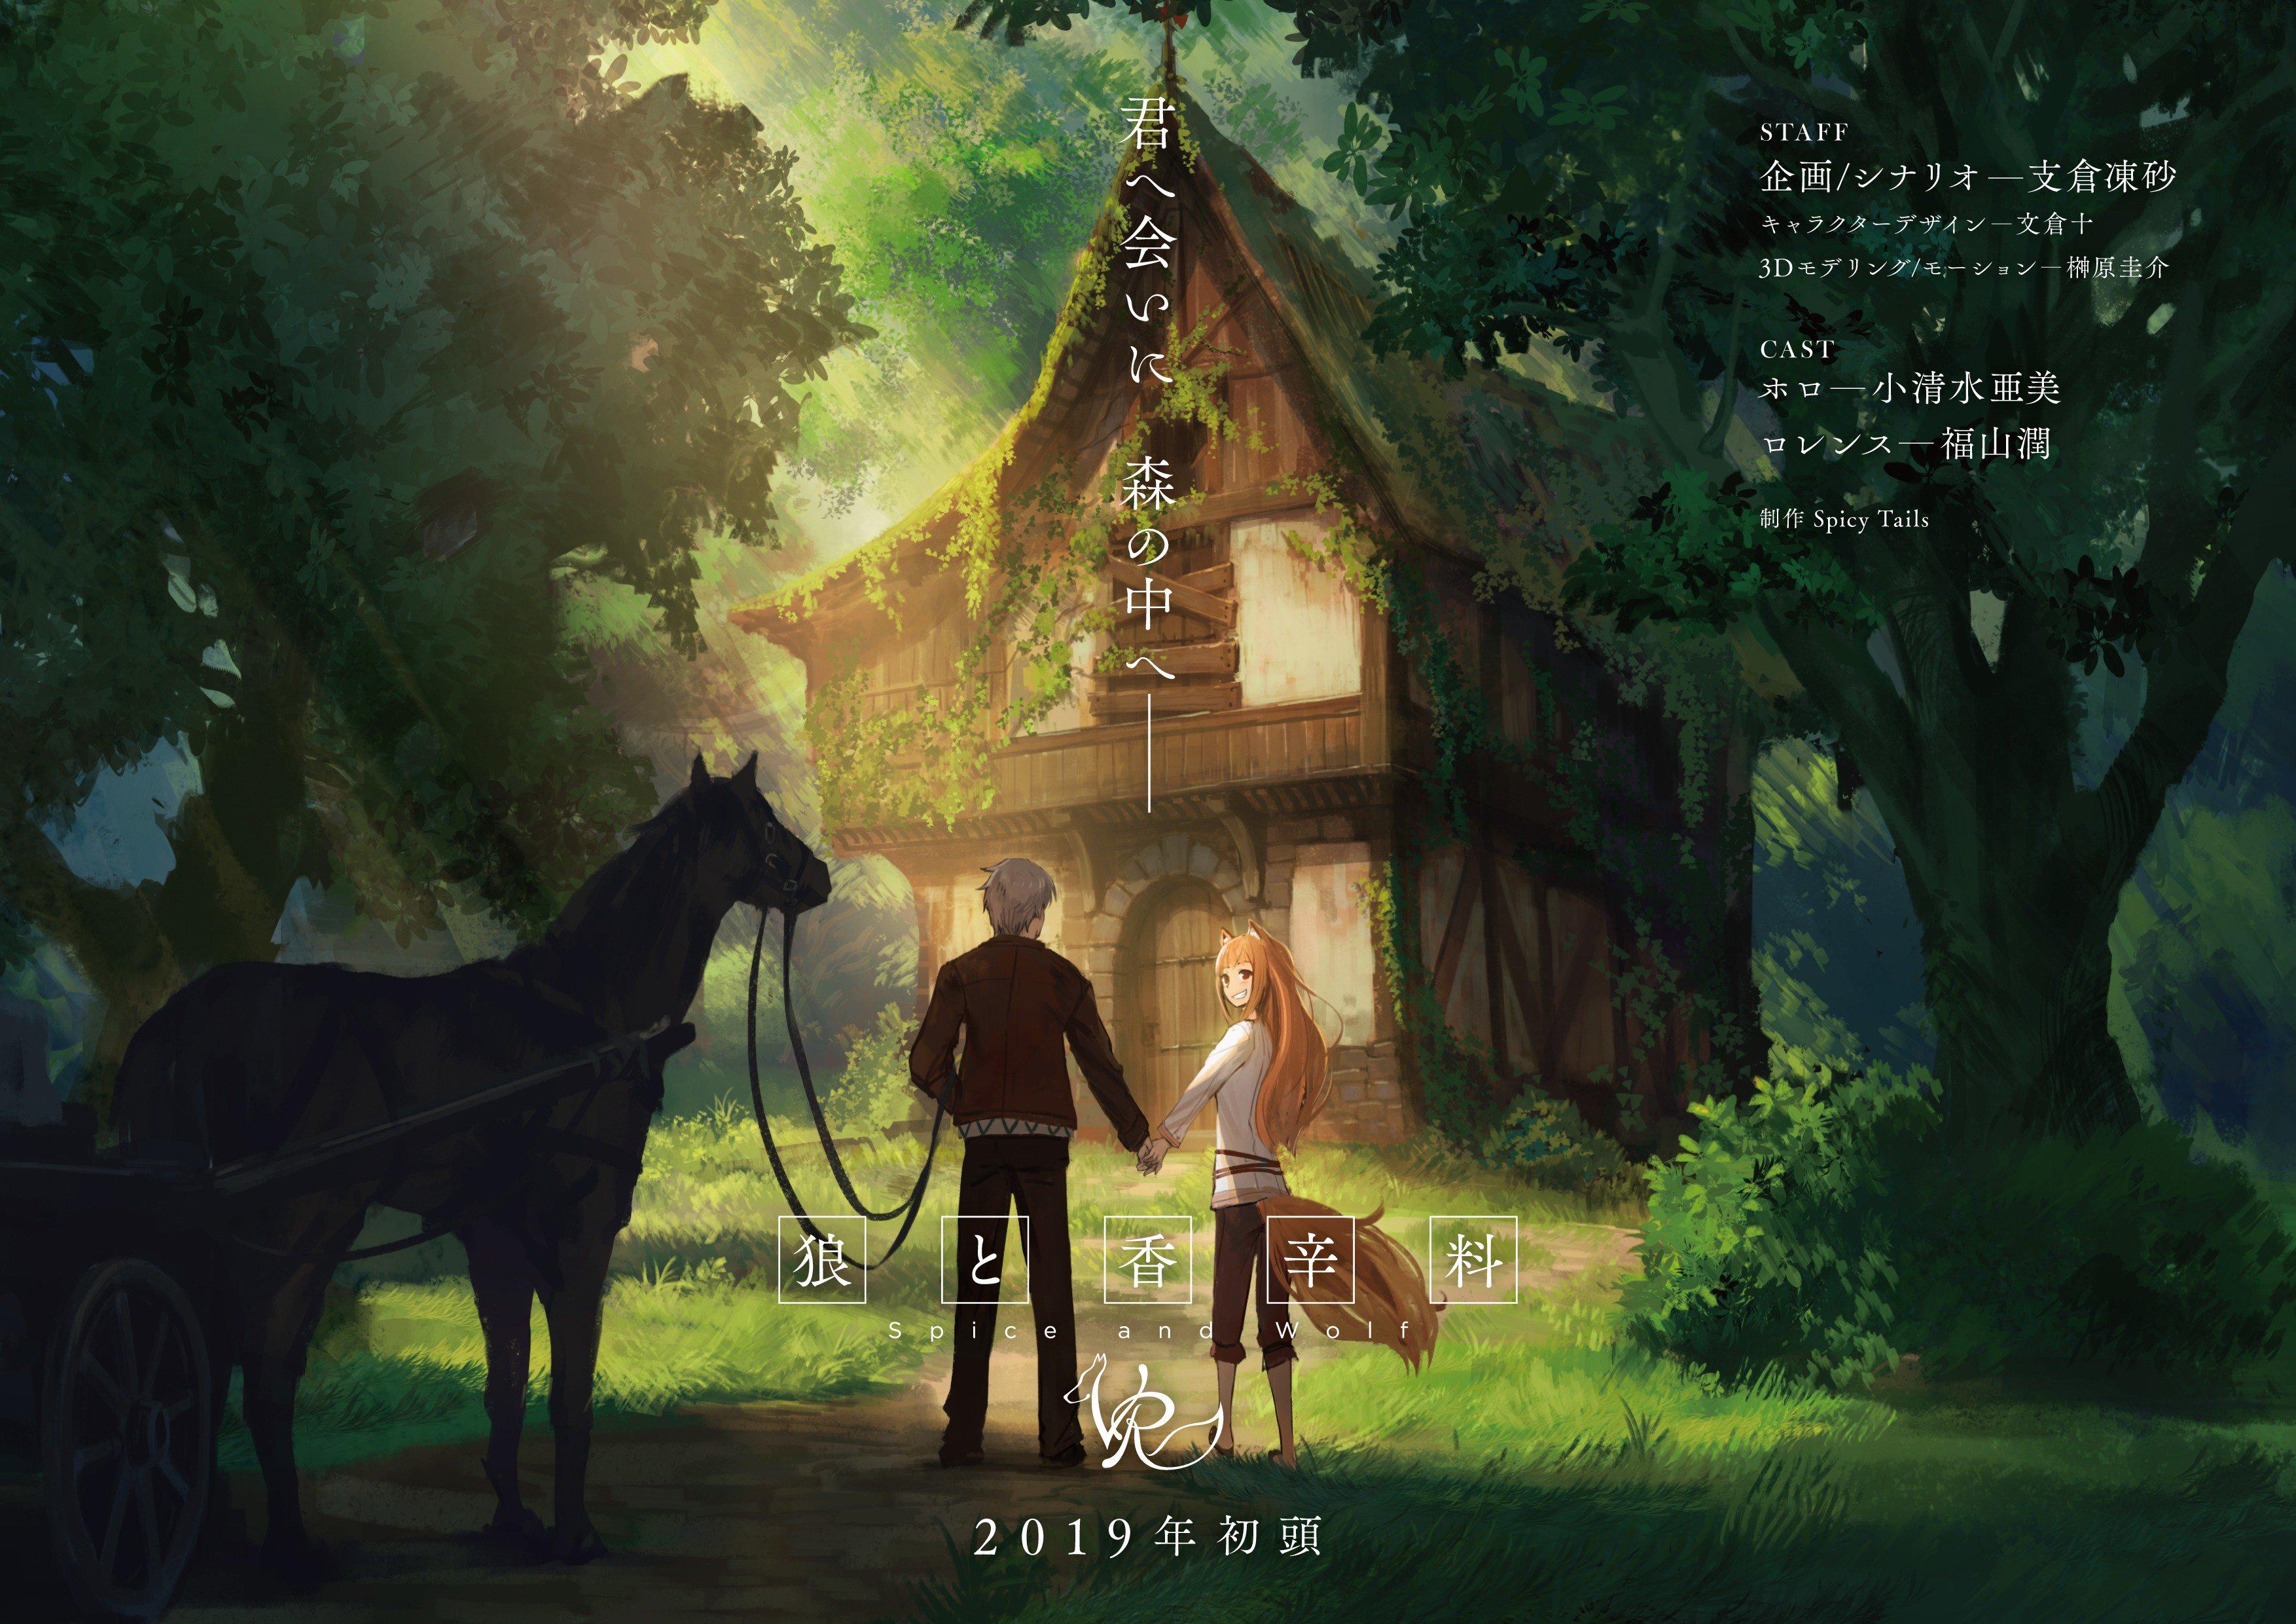 《狼与香辛料 VR》制作决定,将于2019年年初发布-ANICOGA